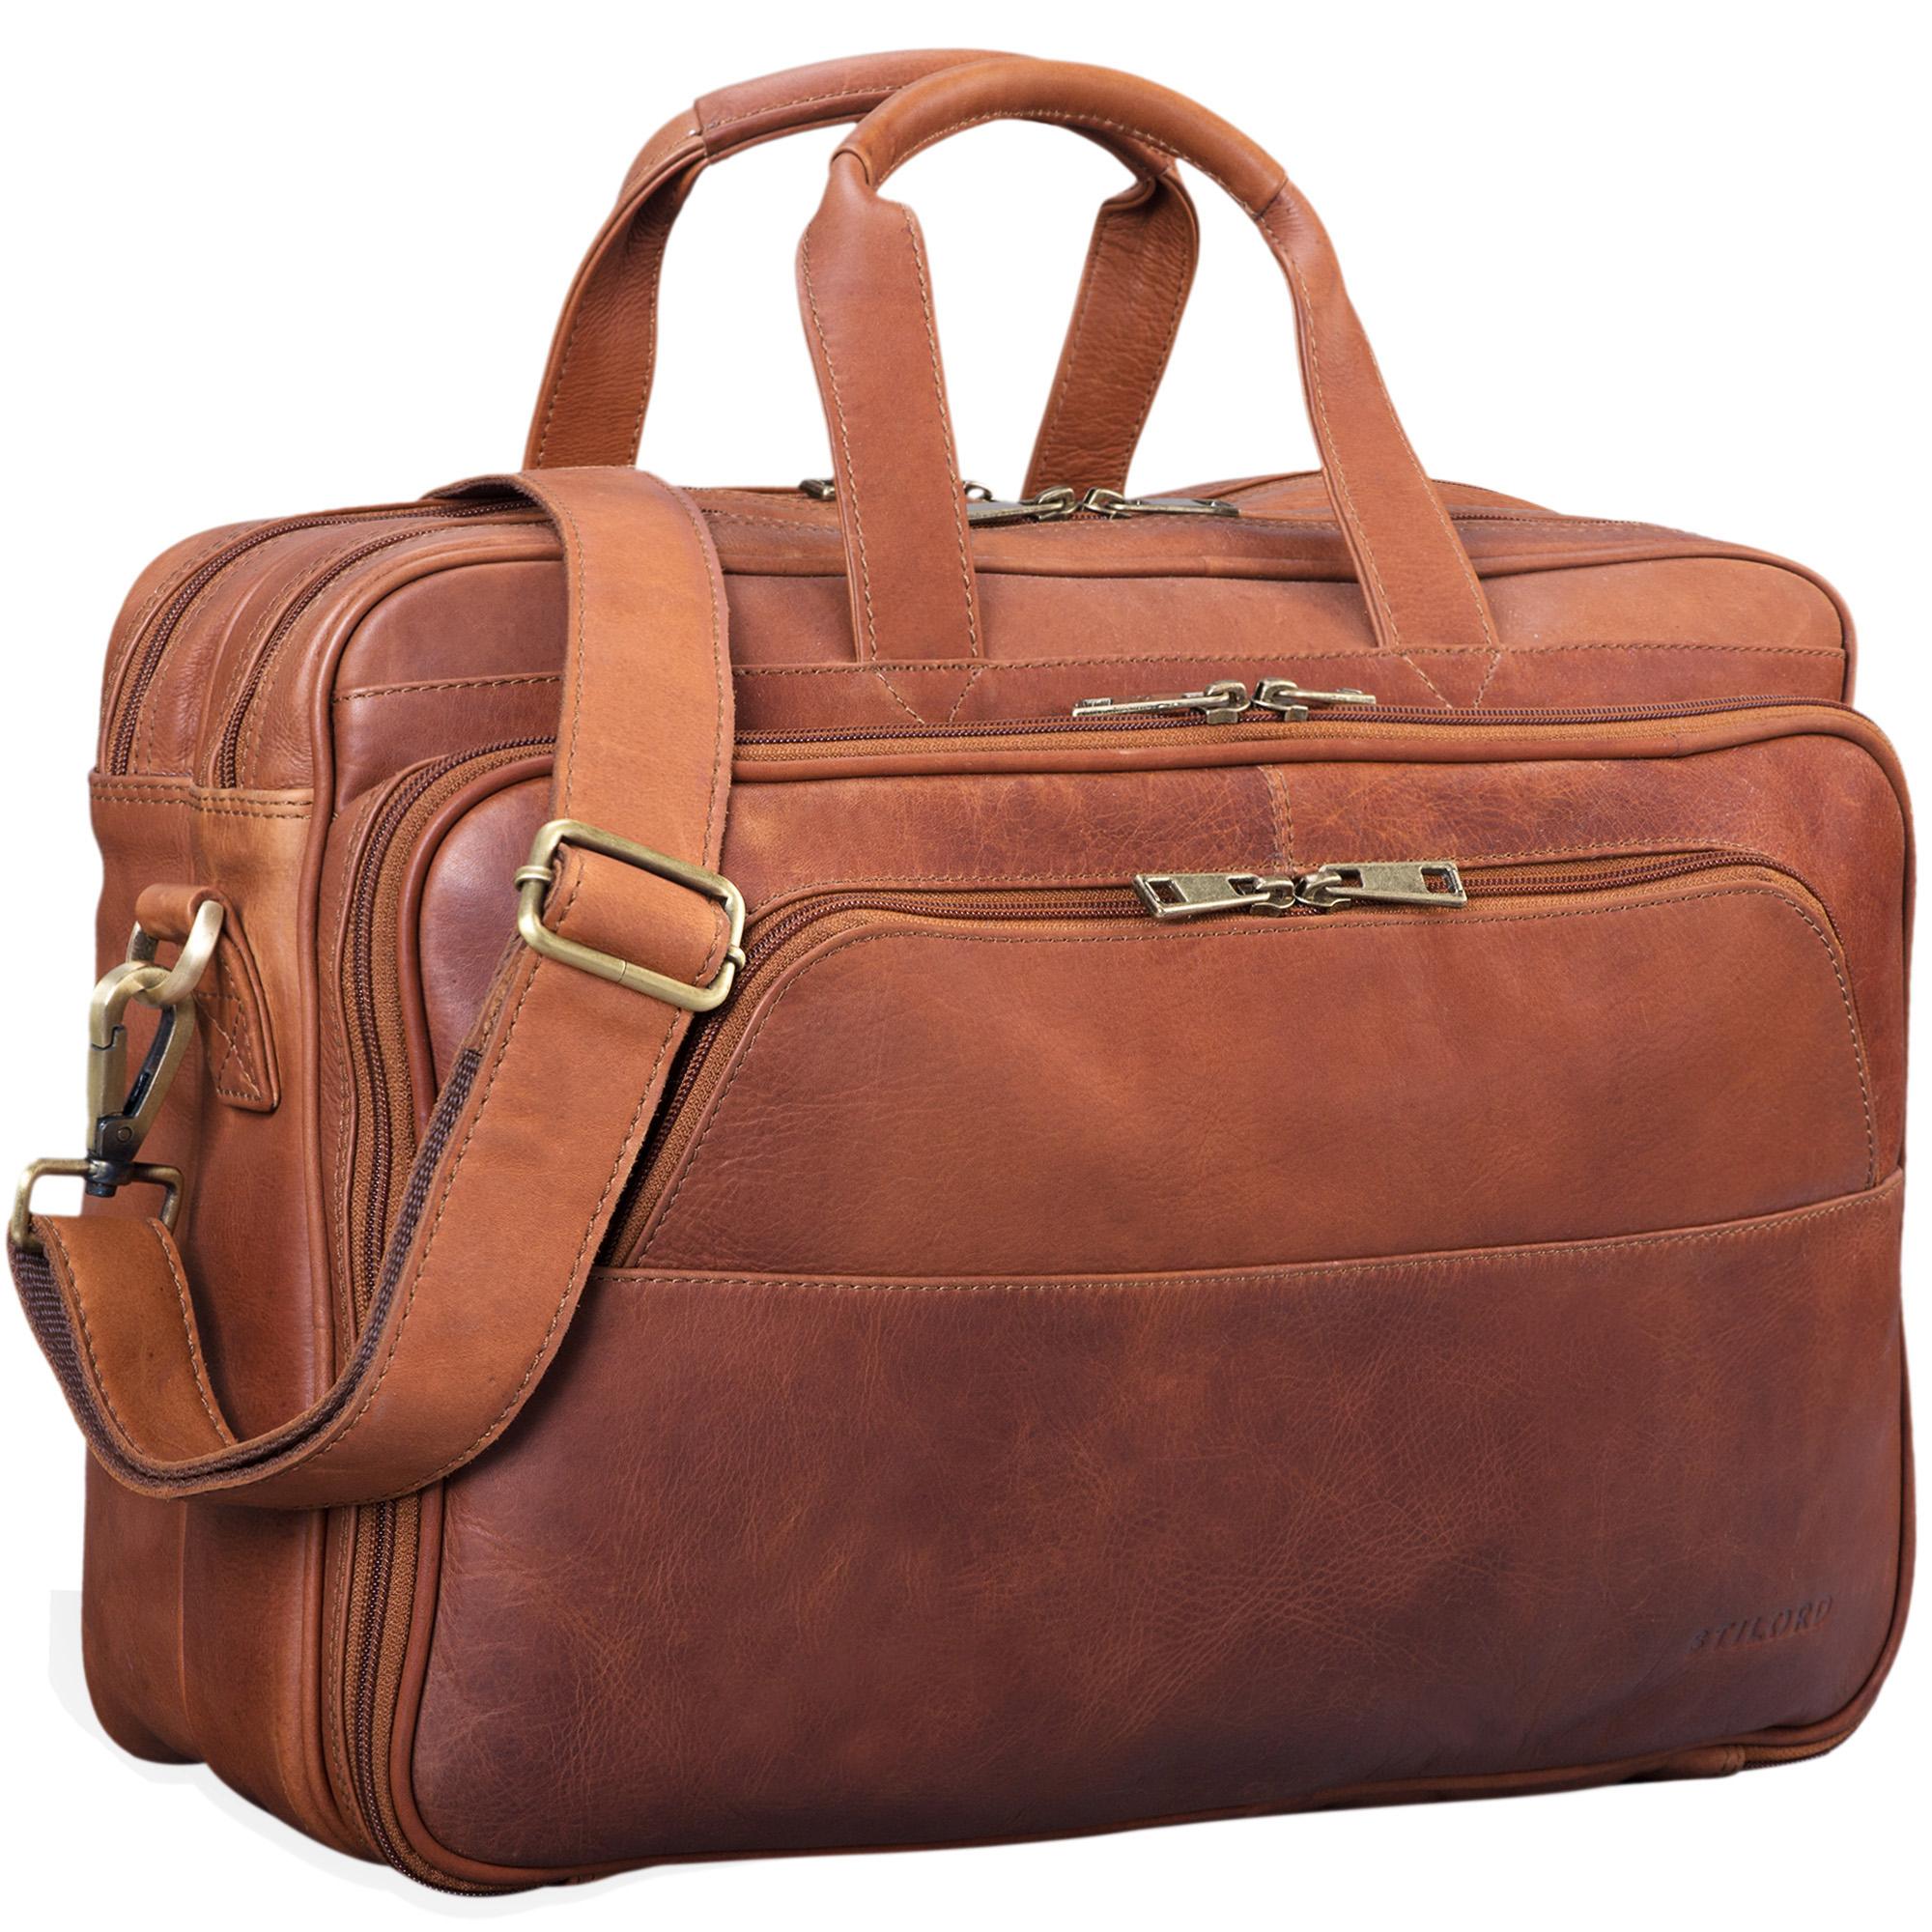 """STILORD """"Artemis"""" Vintage Lehrertasche Leder Aktentasche Herren Damen Businesstasche groß für zwei Aktenordner 15,6 Laptoptasche Echtleder - Bild 8"""